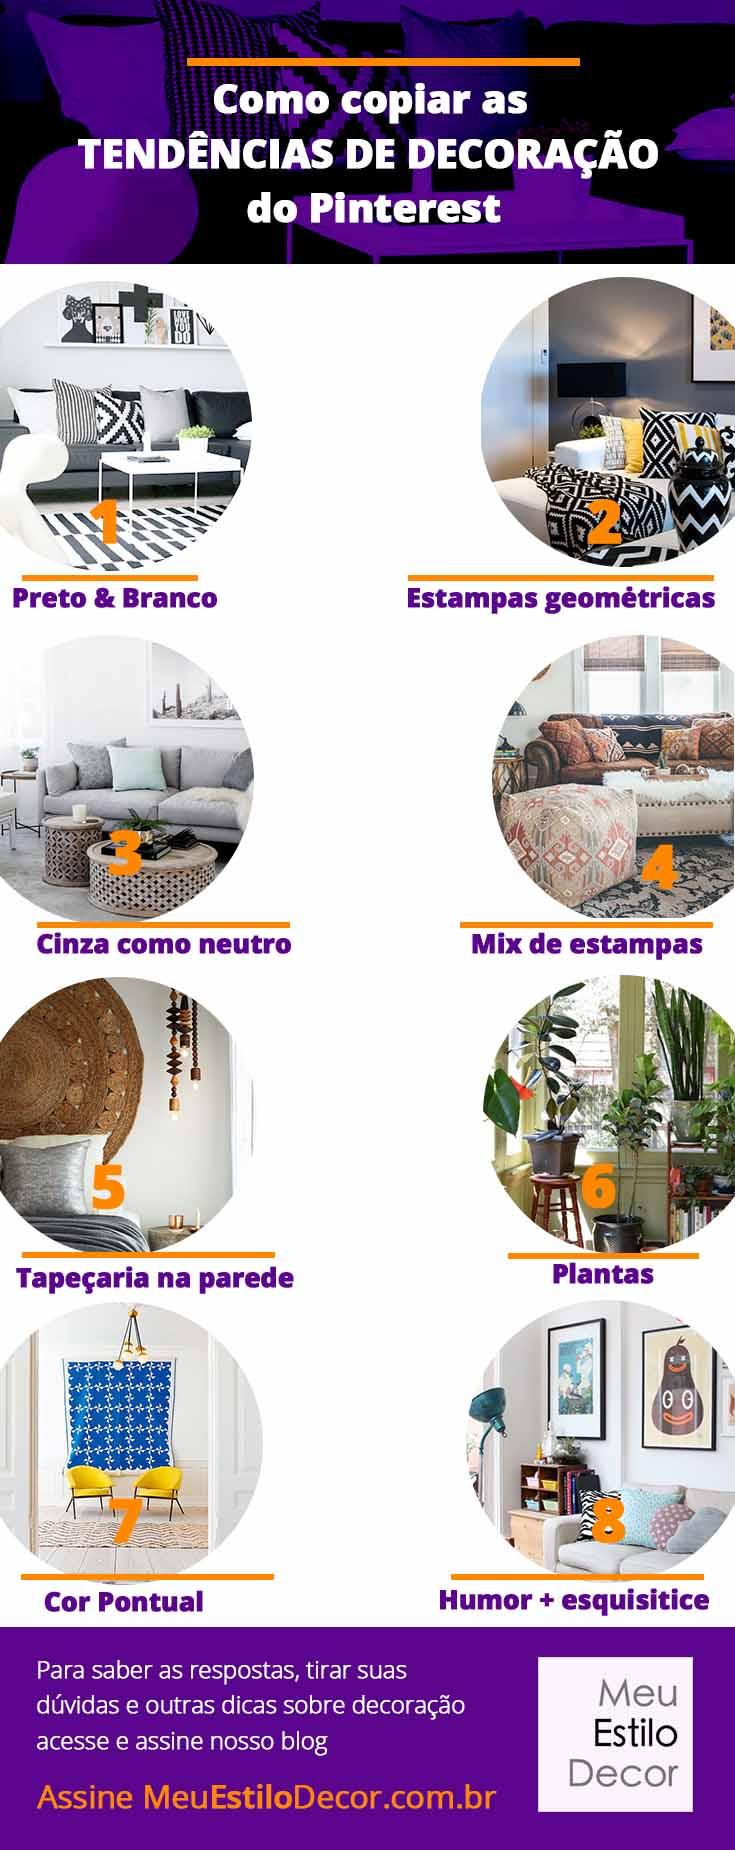 como-copiar-tendencias-decoracao-pinterest_infografico